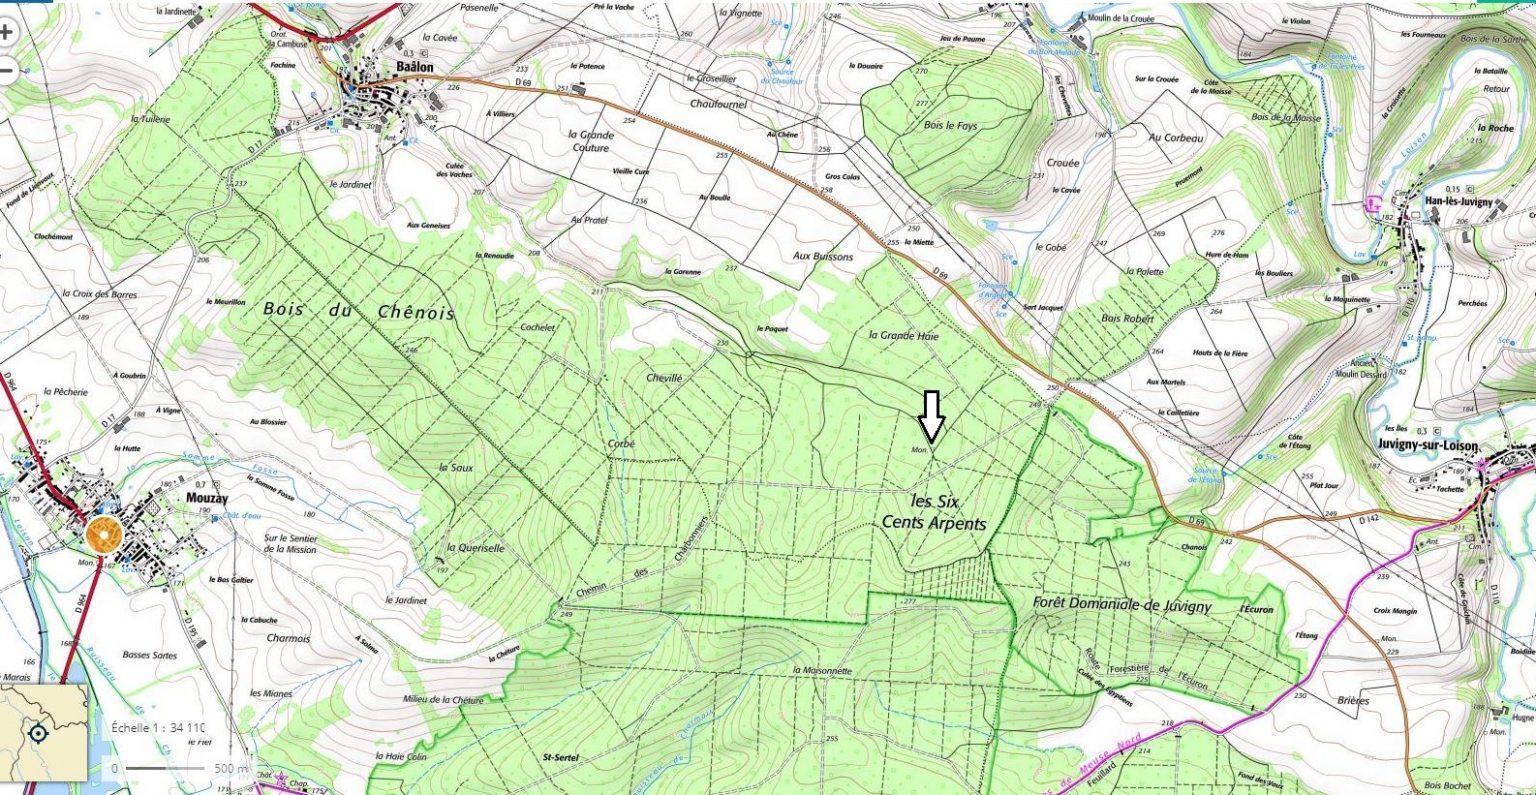 Localisation du monument des maquisards à Mouzay